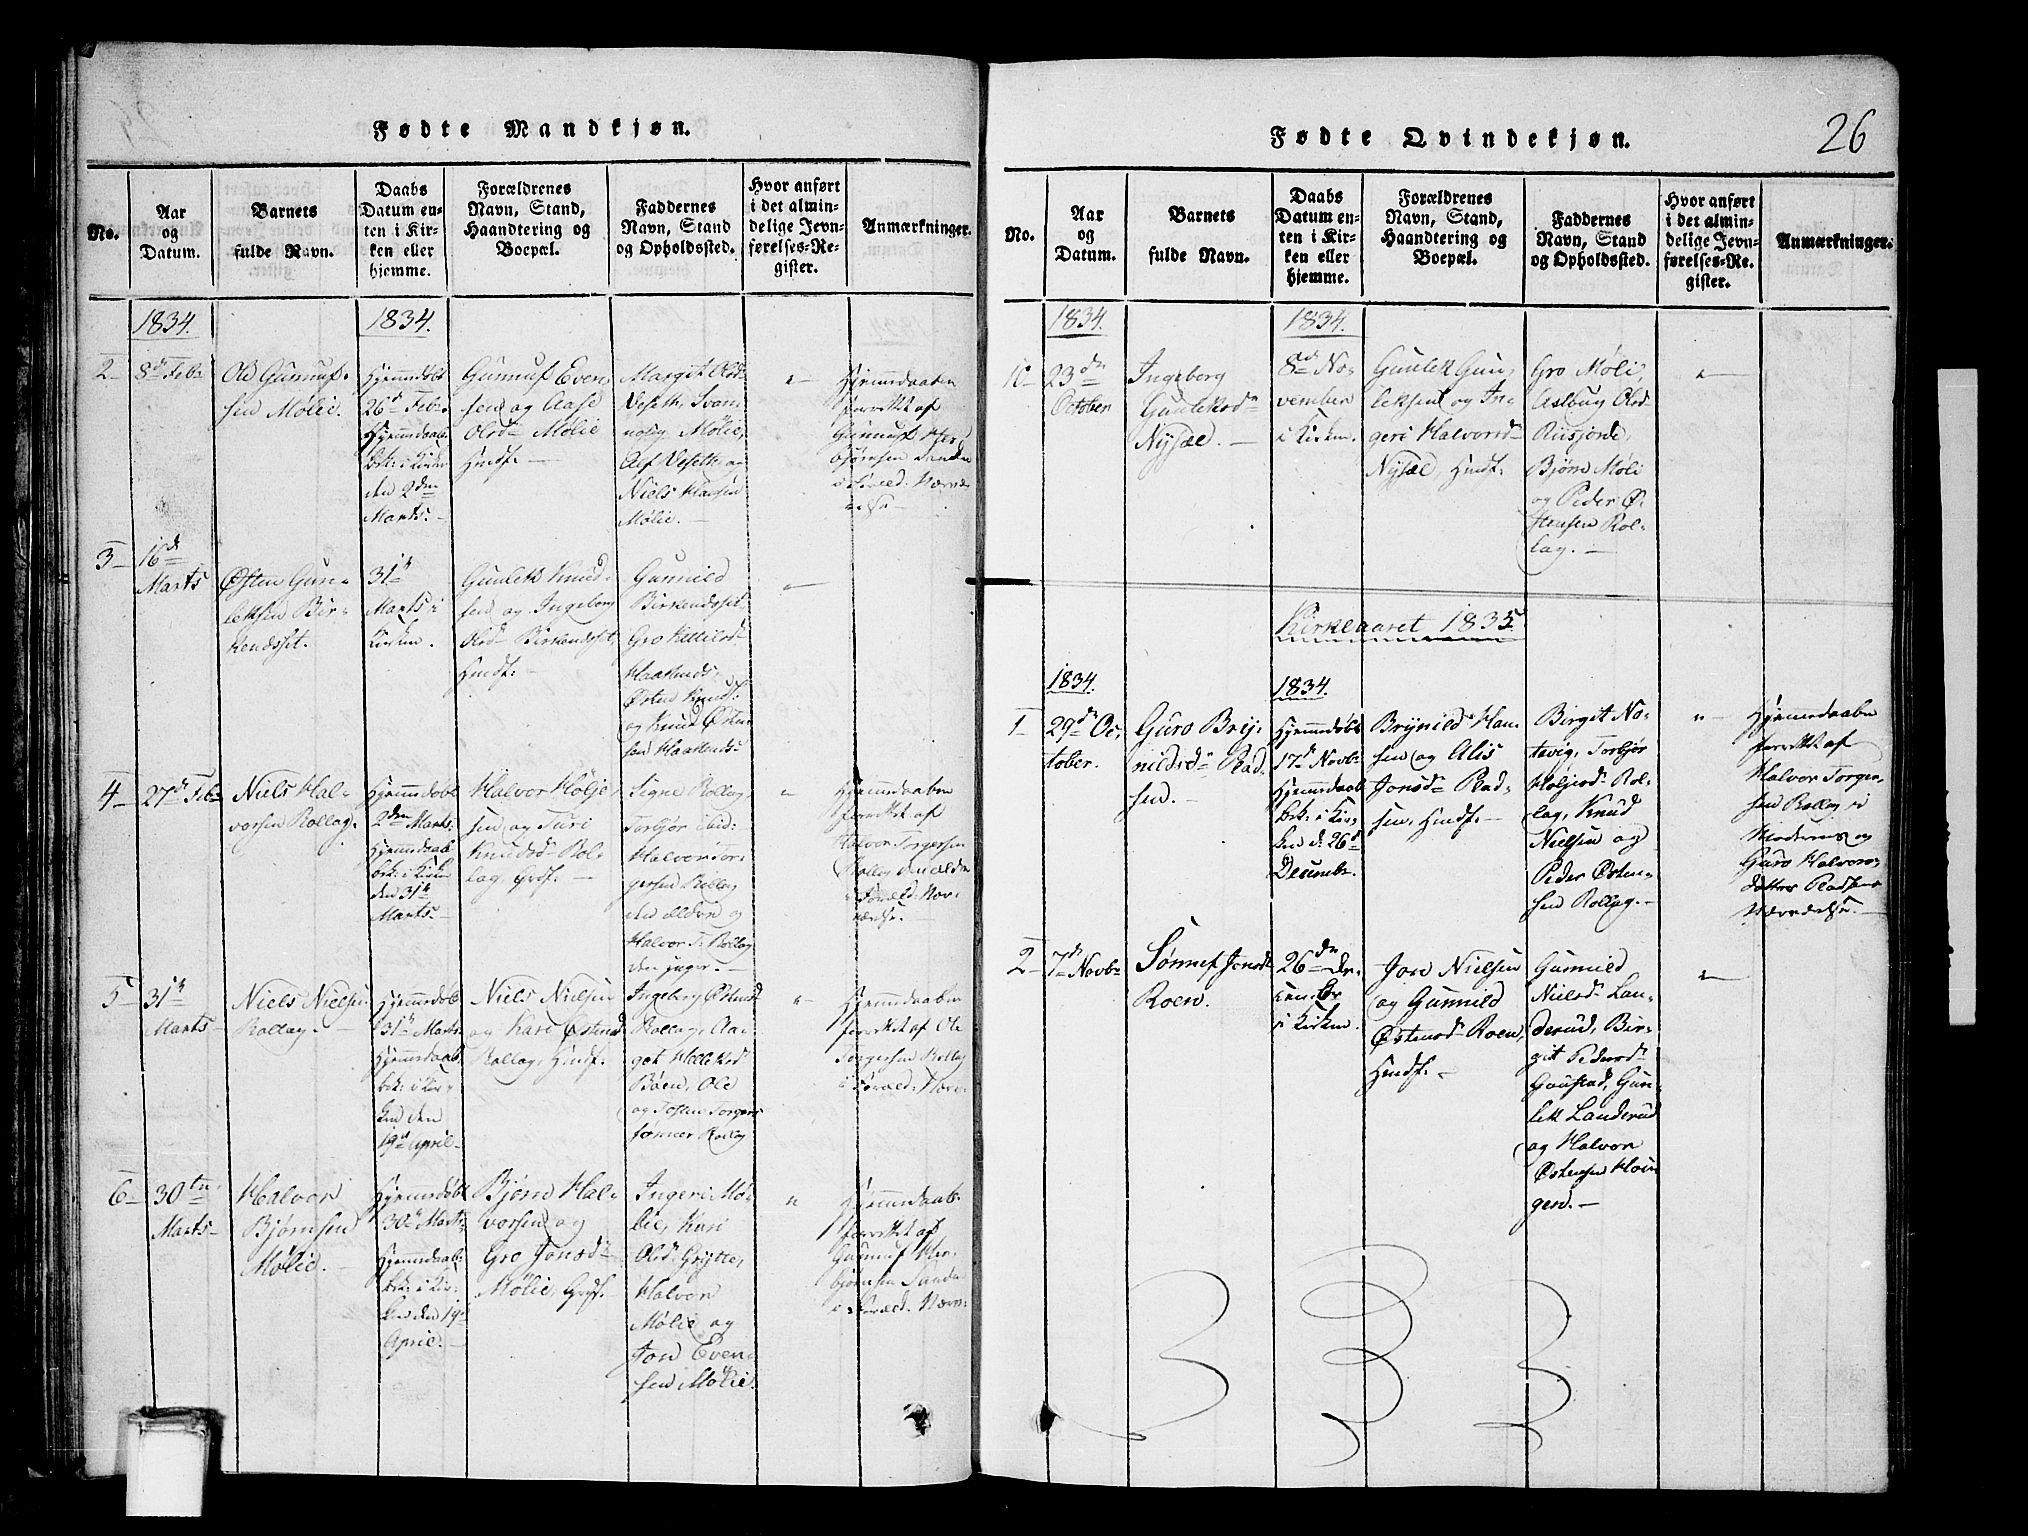 SAKO, Tinn kirkebøker, G/Gb/L0001: Klokkerbok nr. II 1 /1, 1815-1850, s. 26